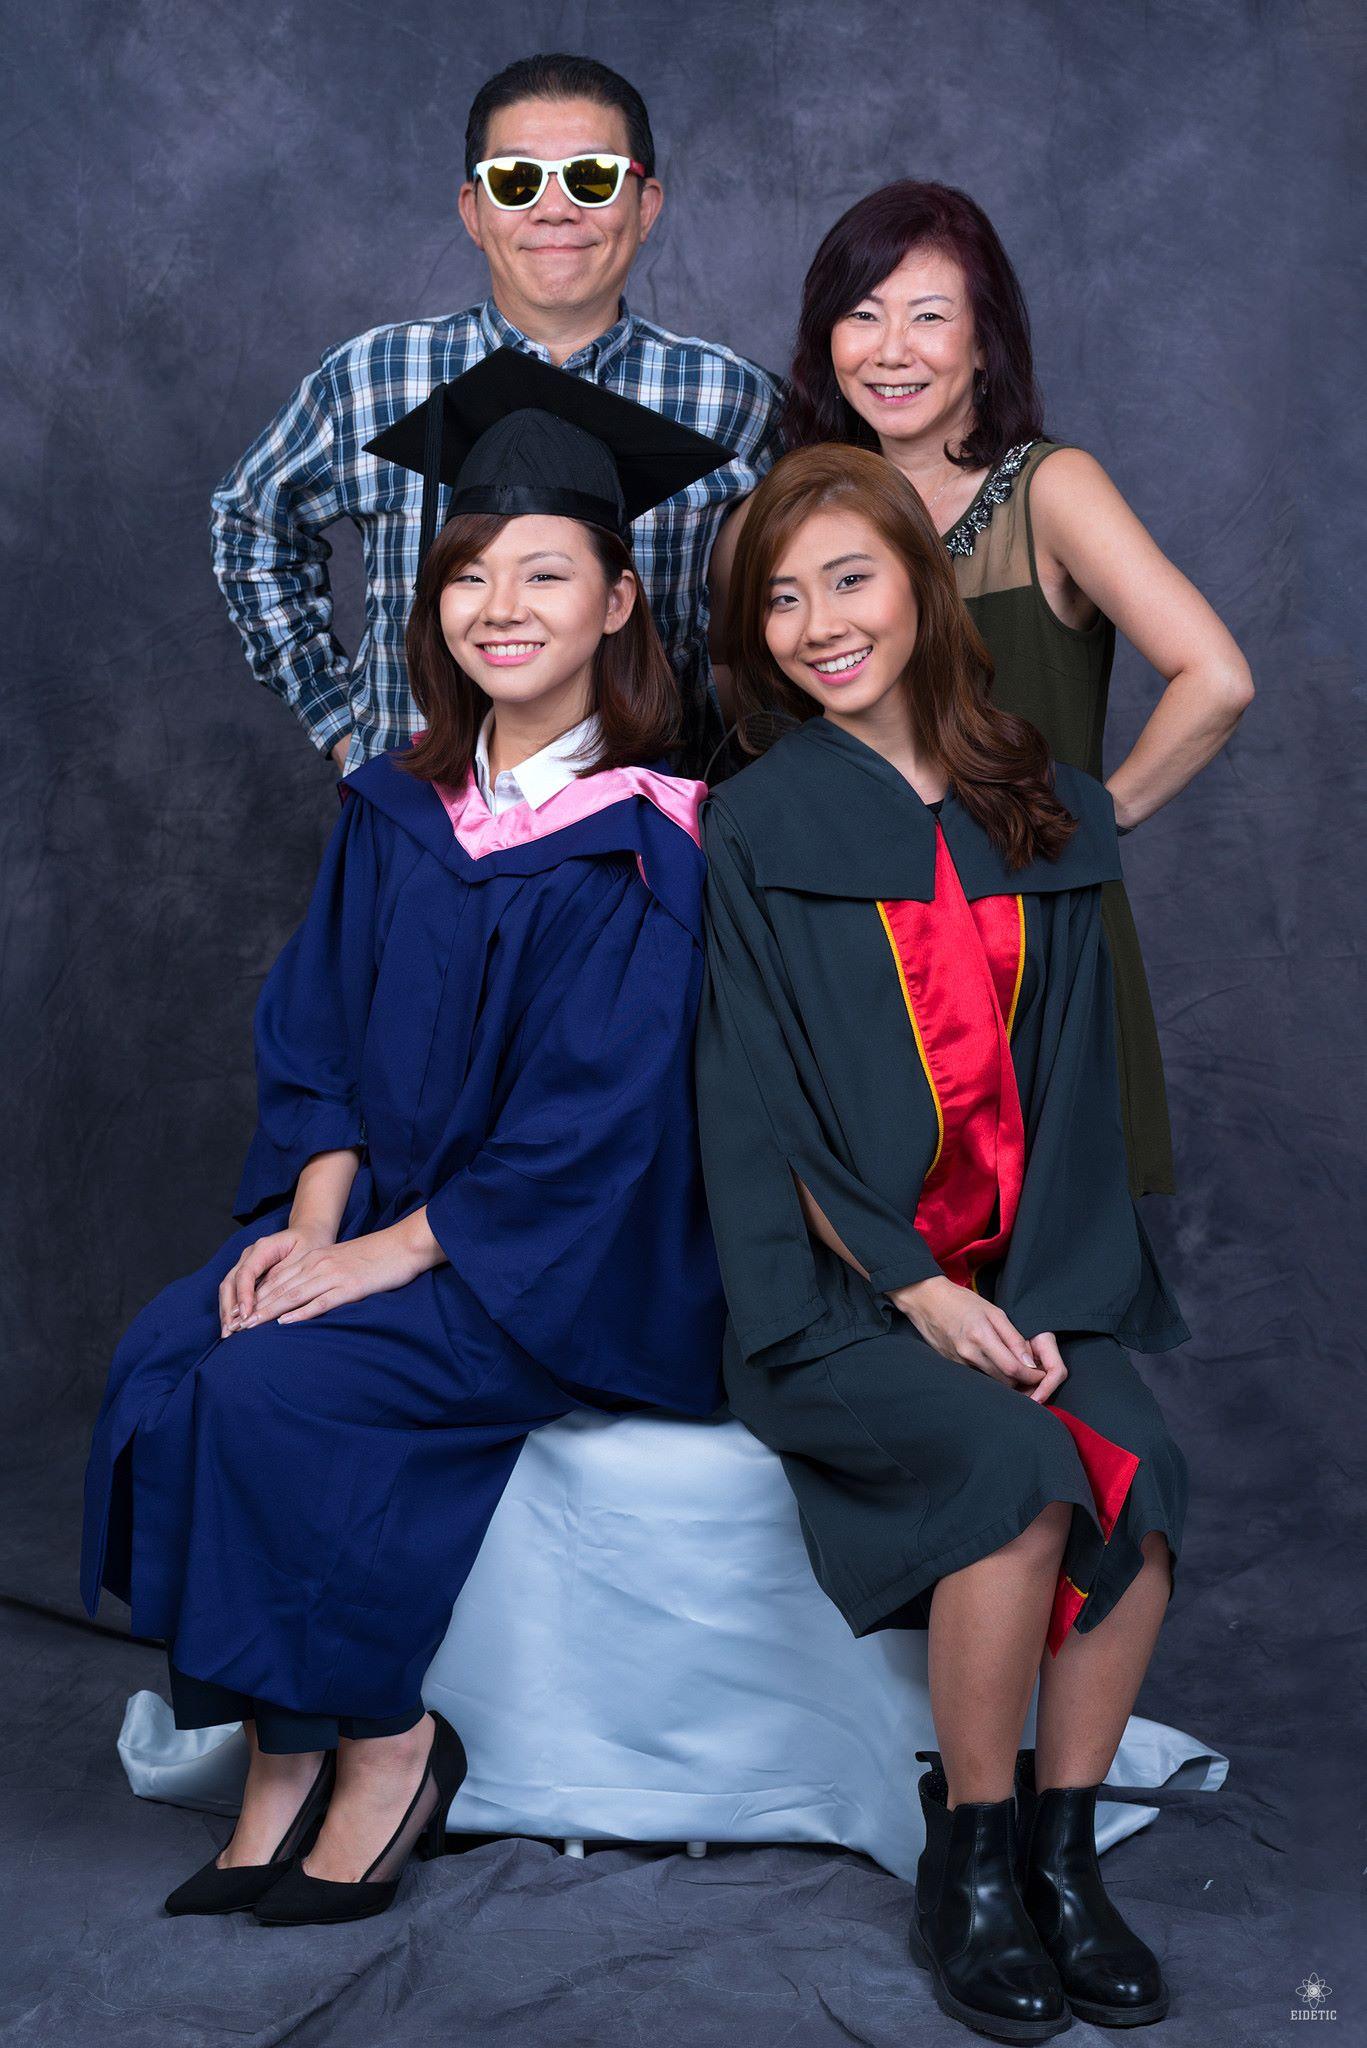 Valerie & Family